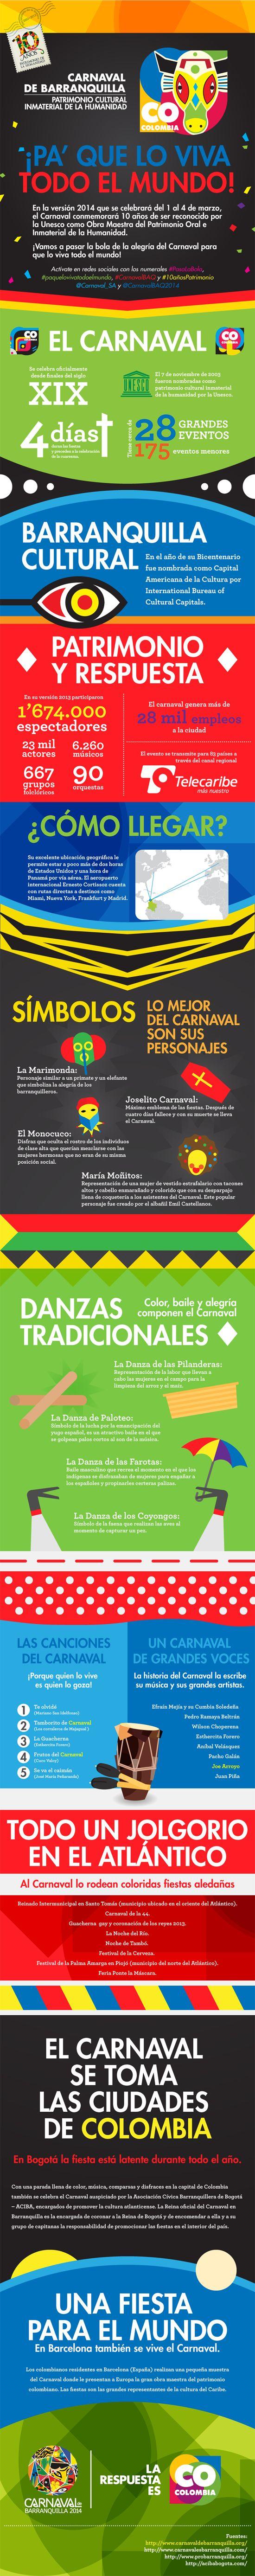 Infografía Carnaval de Barranquilla - Marca País Colombia